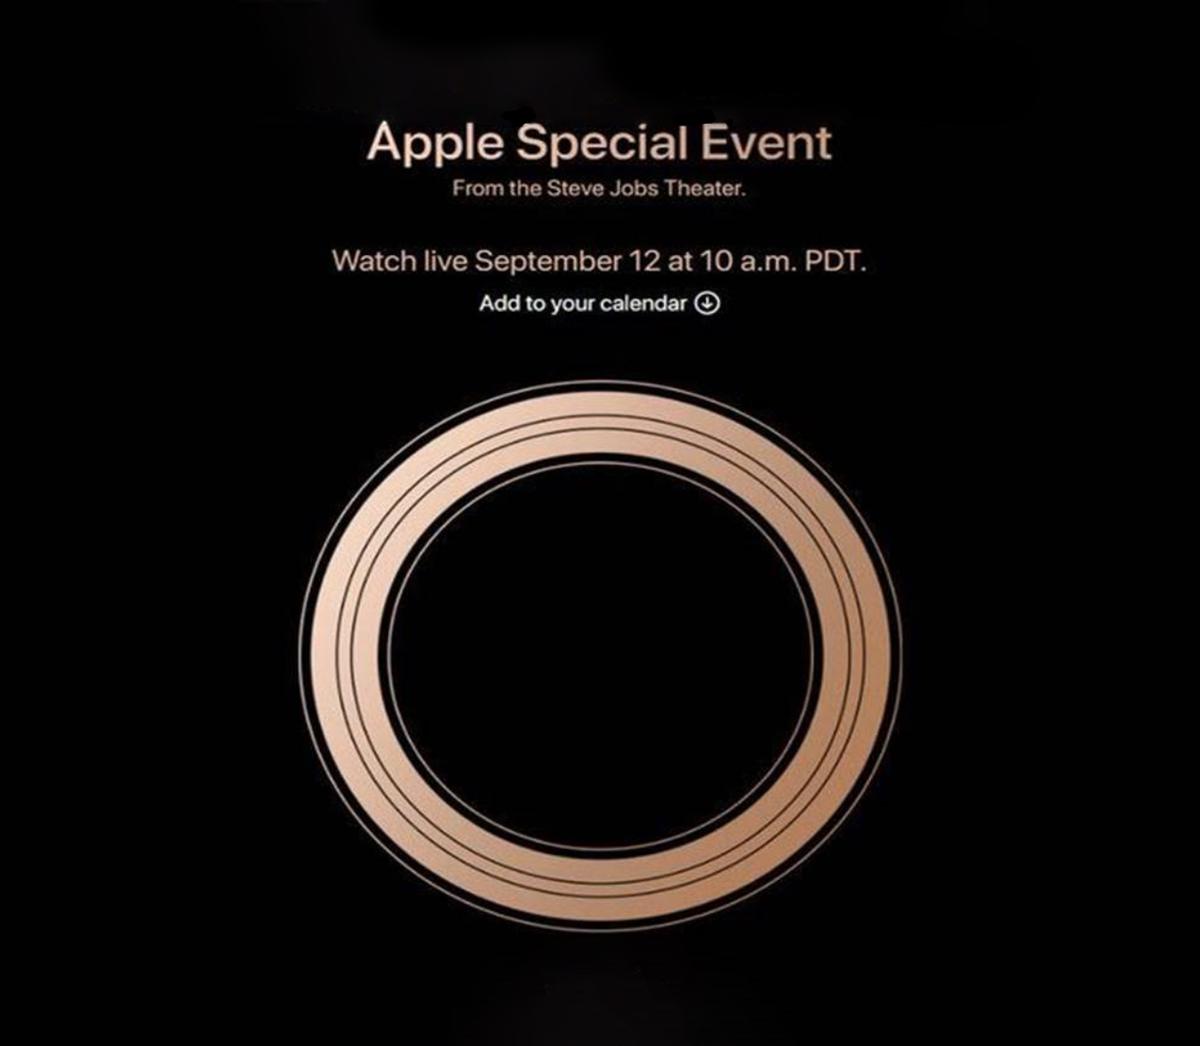 新 iPhone 要來了!確認 9/12 蘋果秋季發表會!(包含新 iPhone 傳聞彙整)@3C 達人廖阿輝